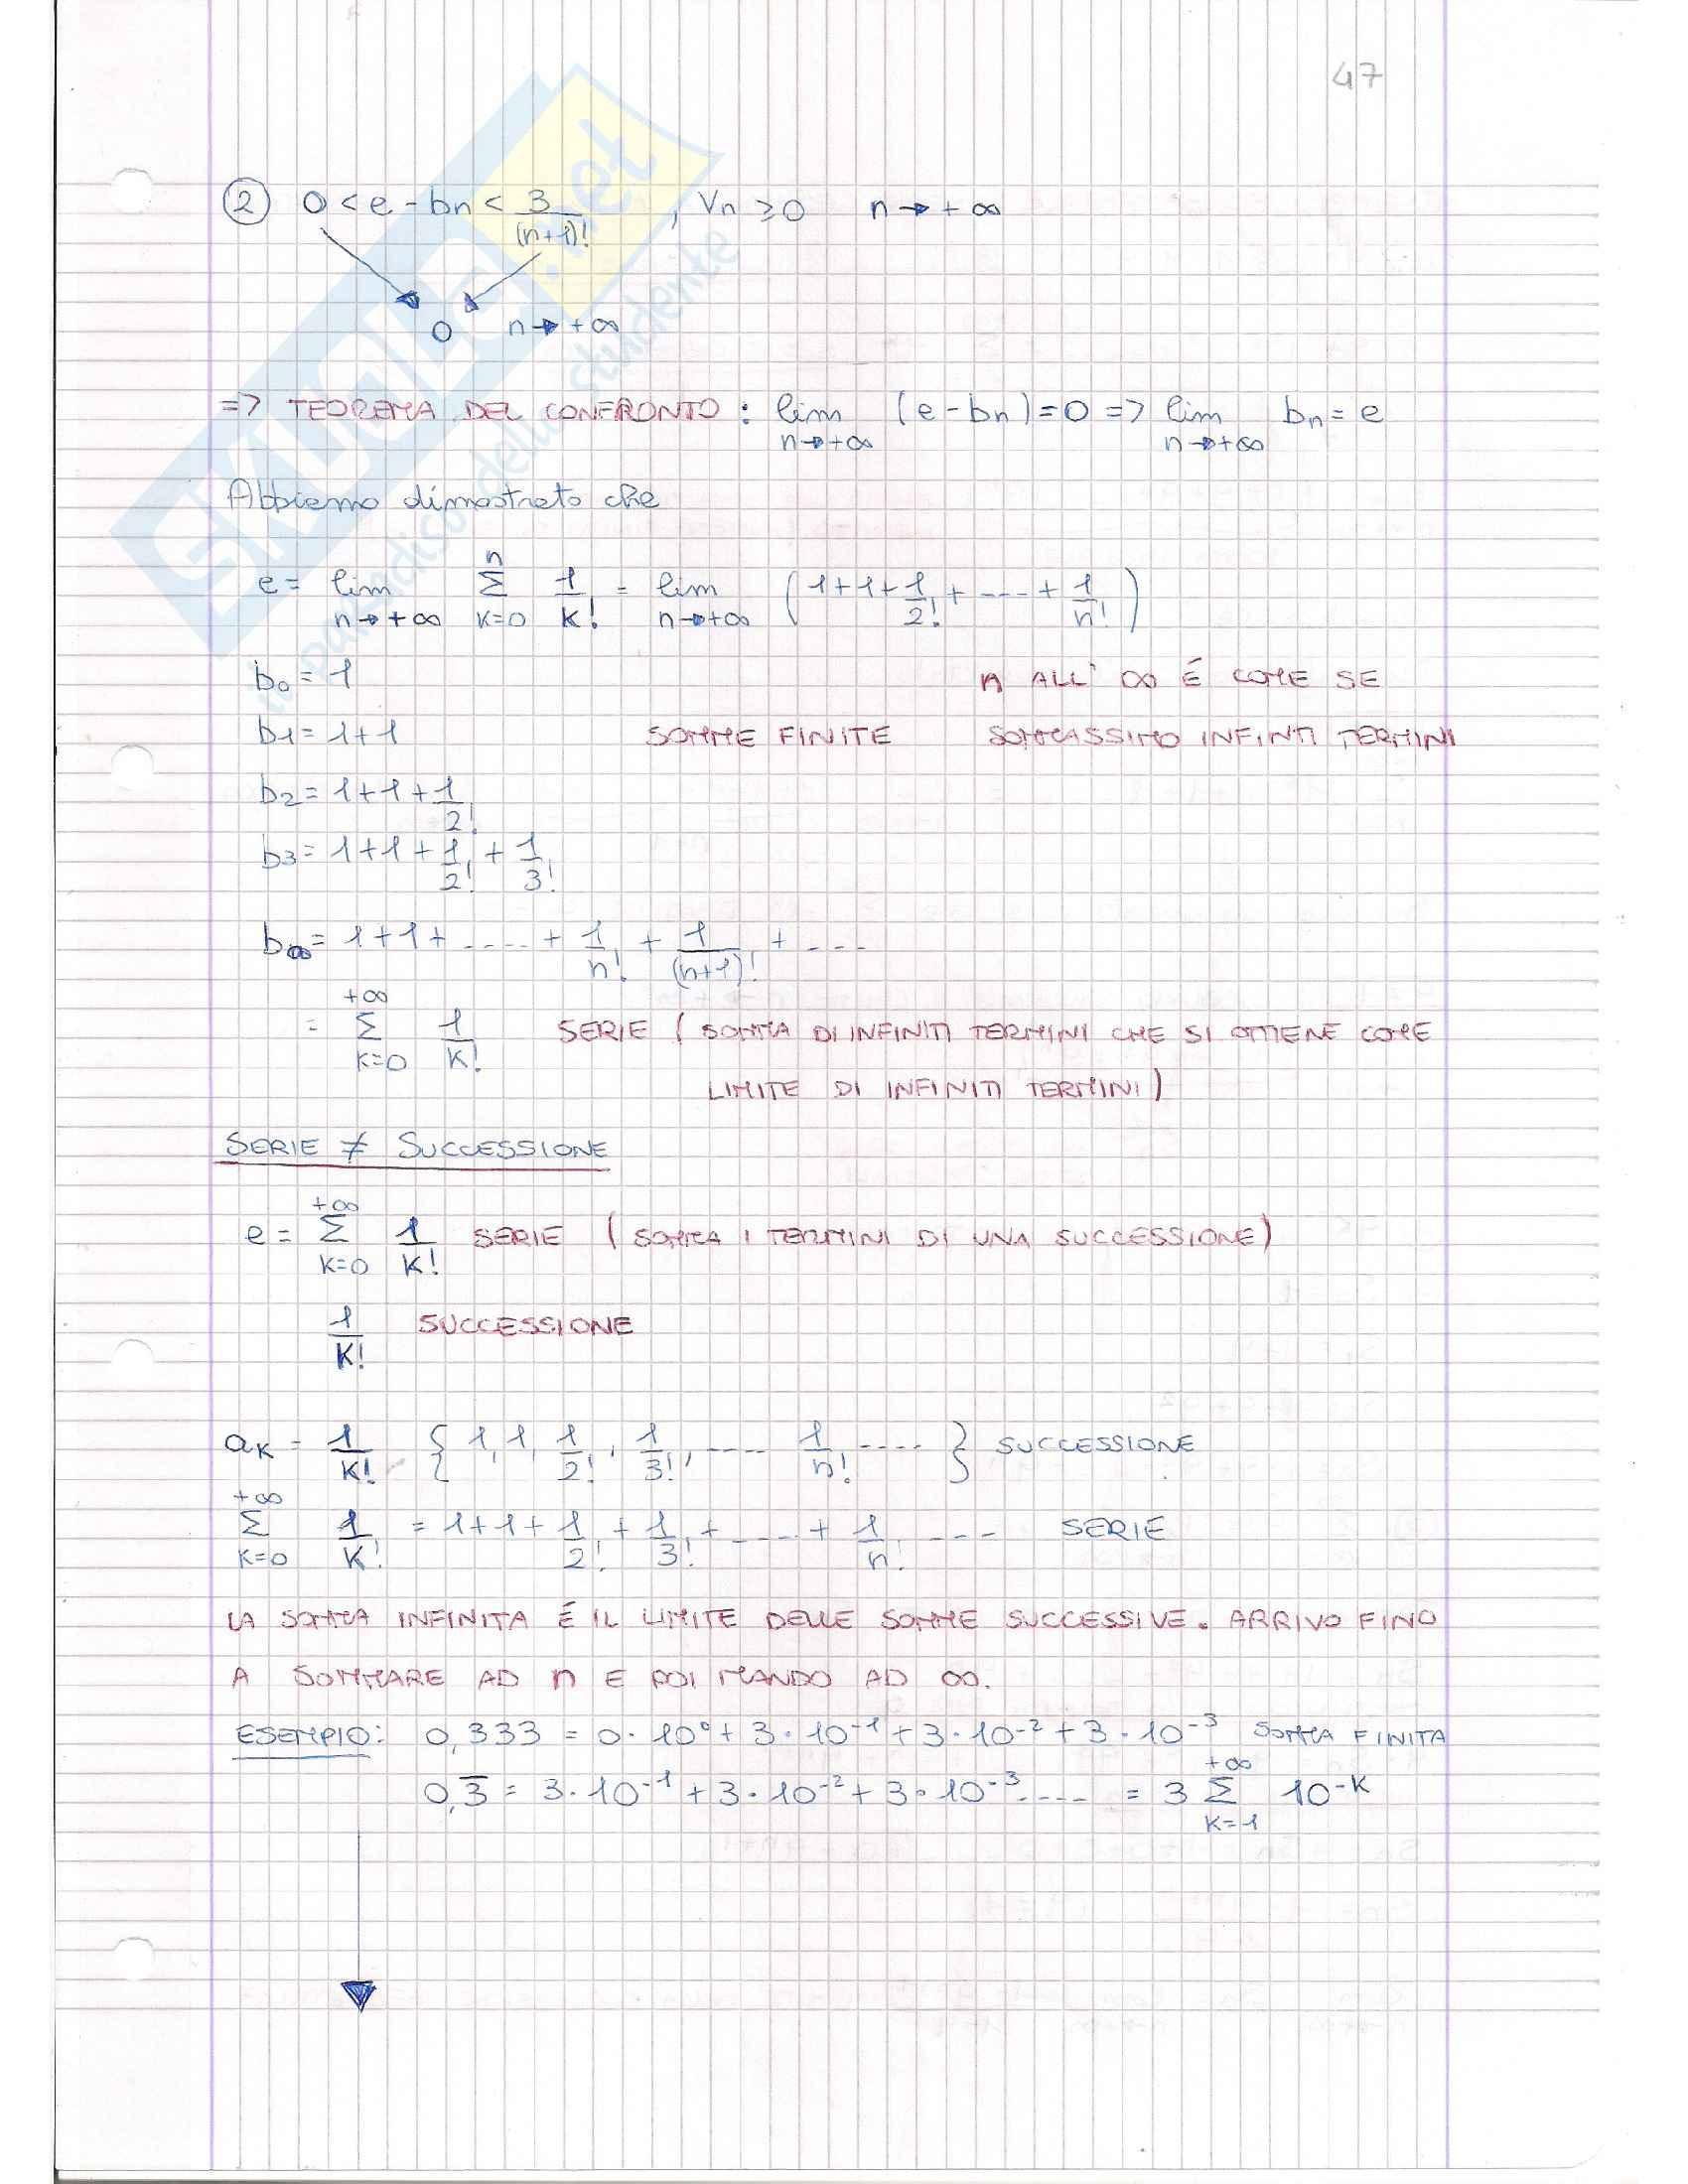 Serie Numeriche e Criteri, Analisi matematica I